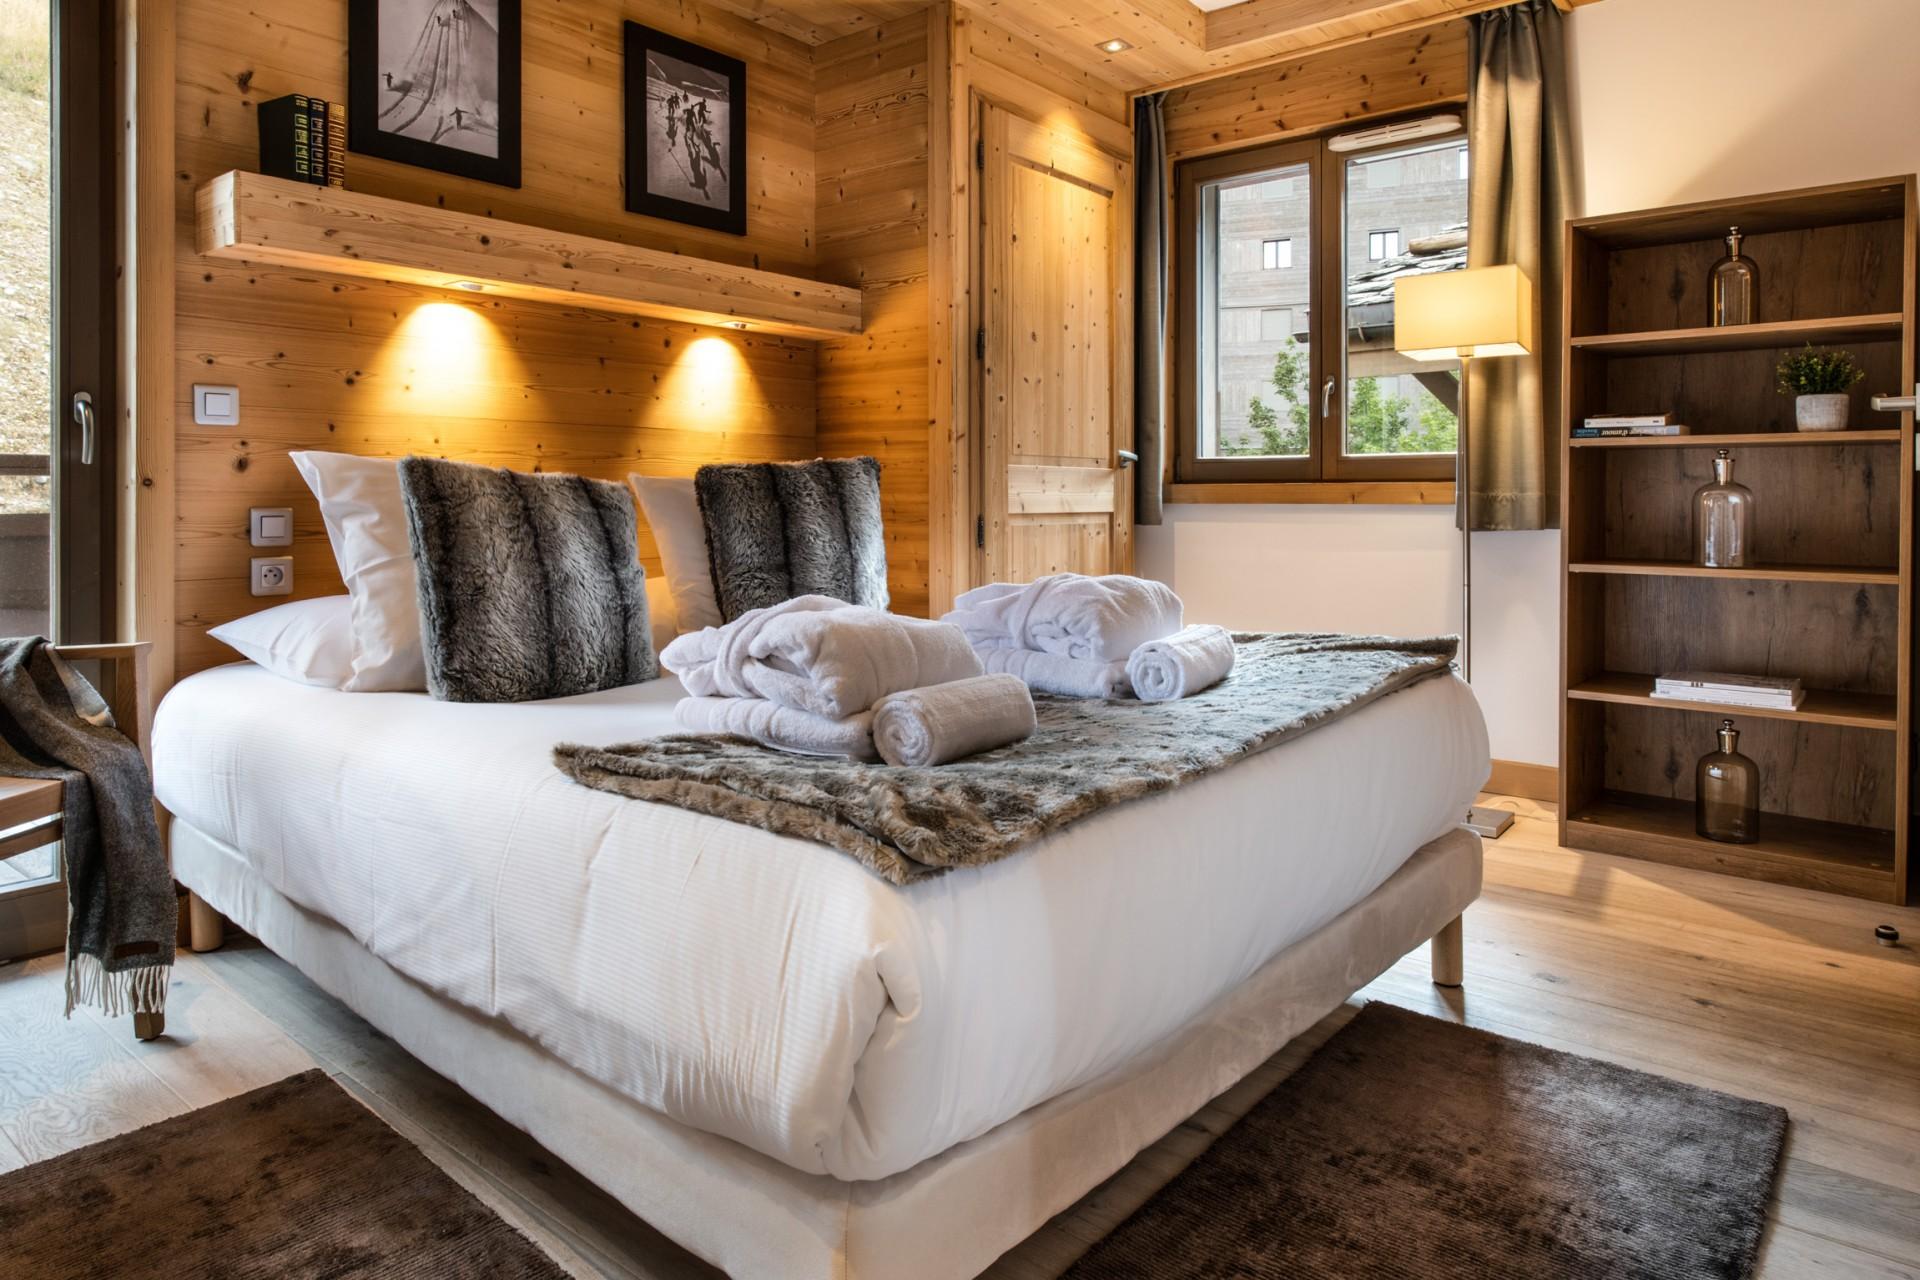 Courchevel 1650 Location Appartement Luxe Allanite Chambre